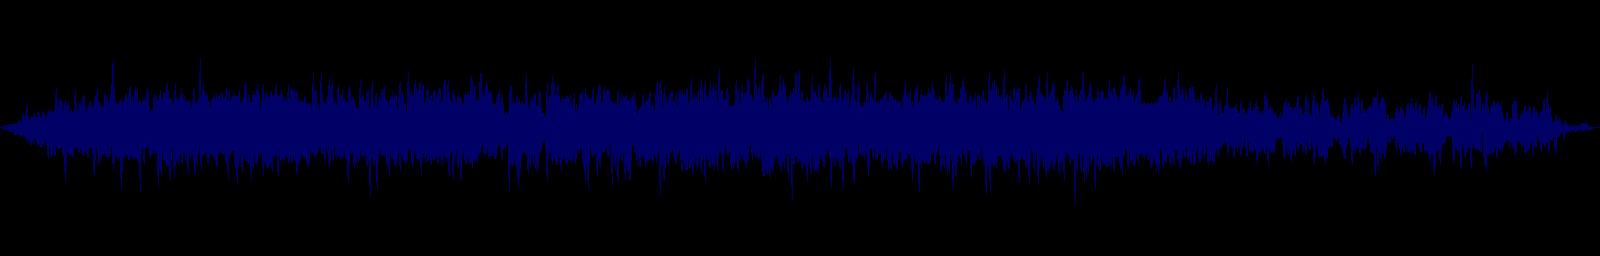 waveform of track #146123